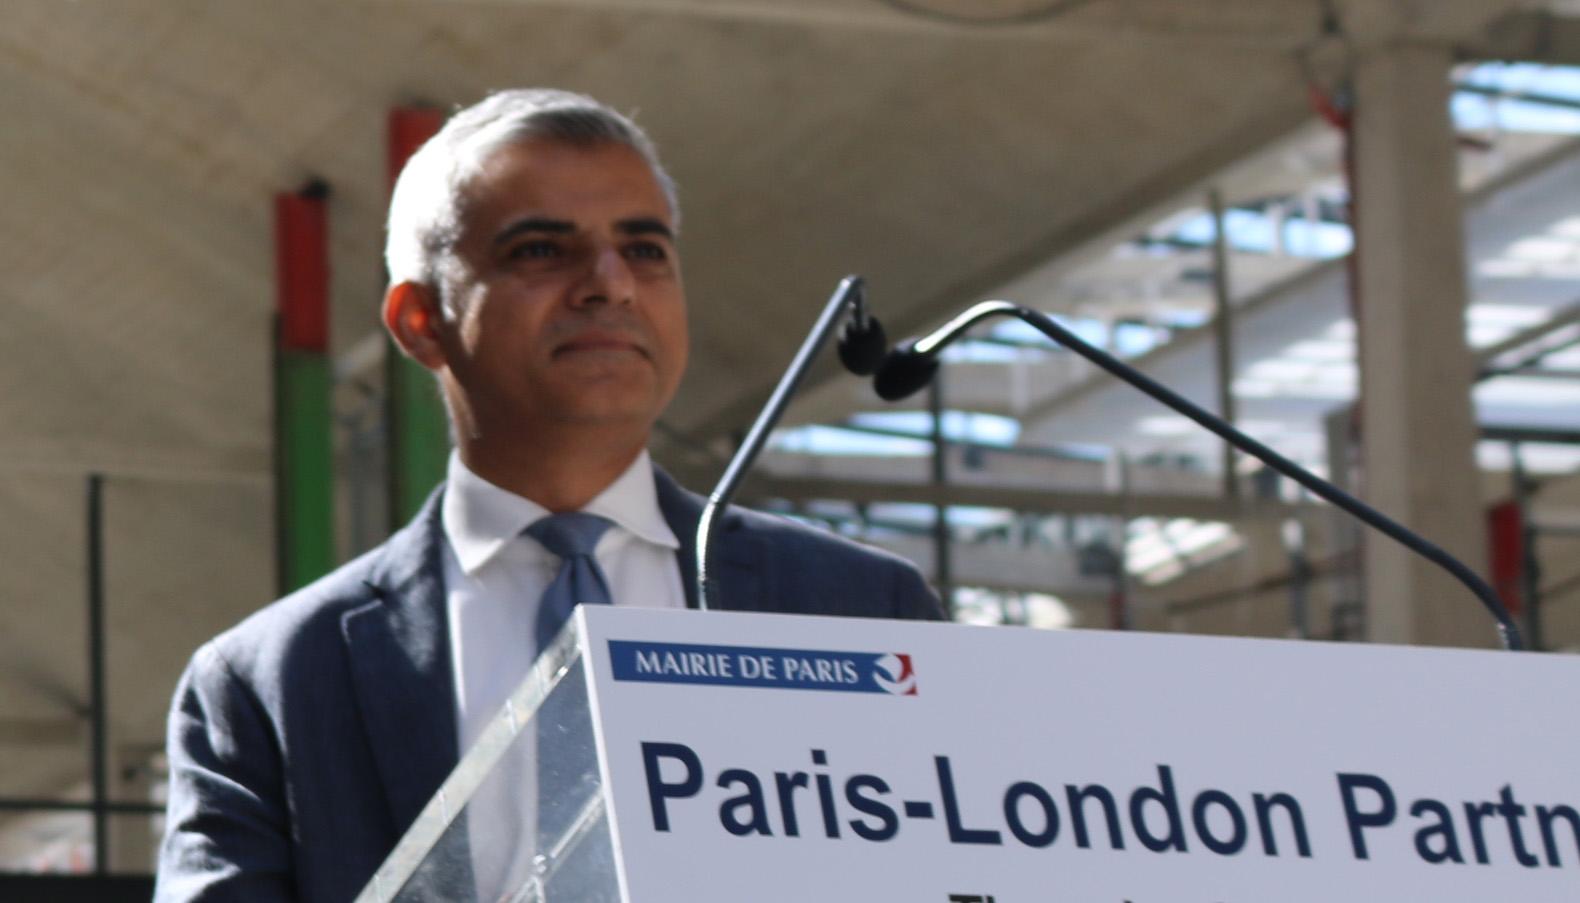 Le maire de Londres Sadiq Khan en visite à Paris, le 25 août 2016. © Saphirnews